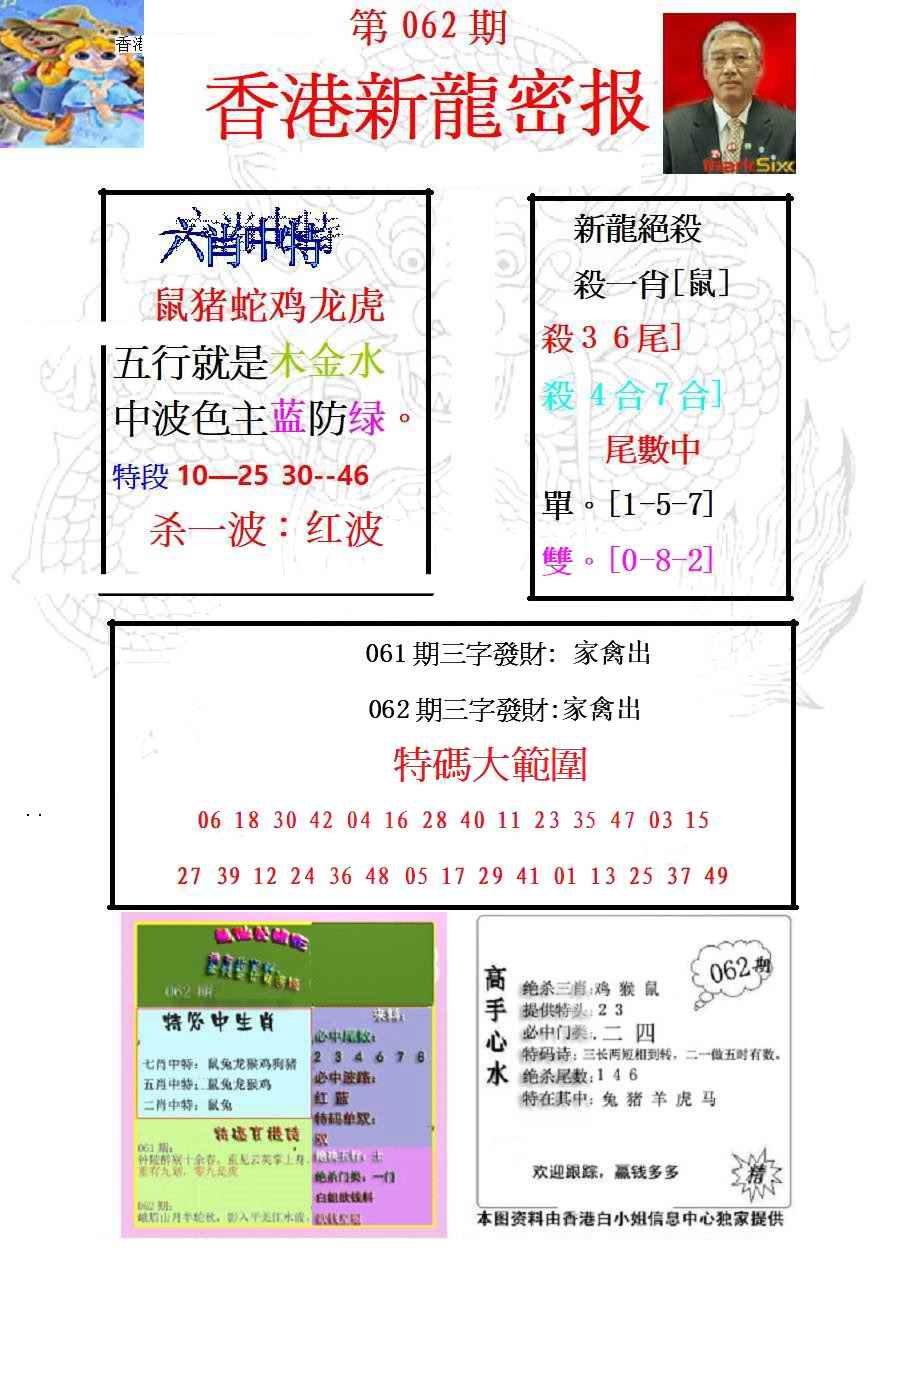 062期新龙密报